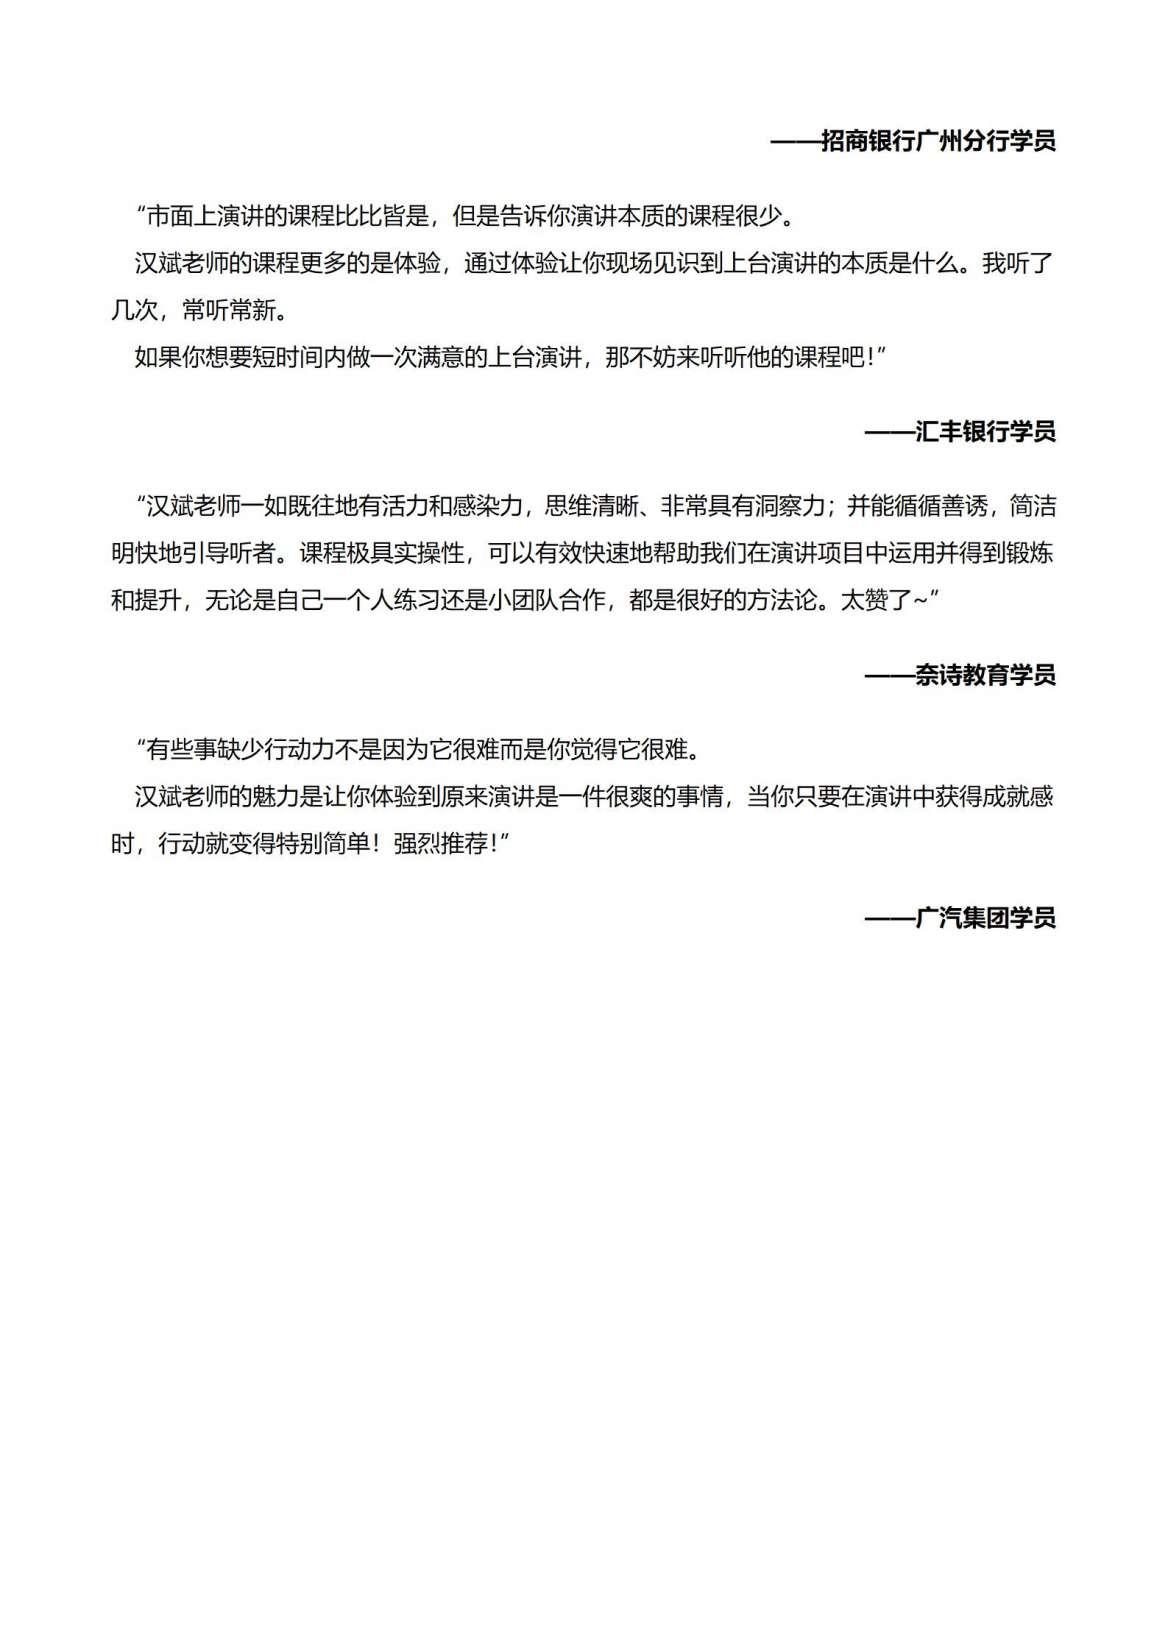 刘汉斌老师 简介_04